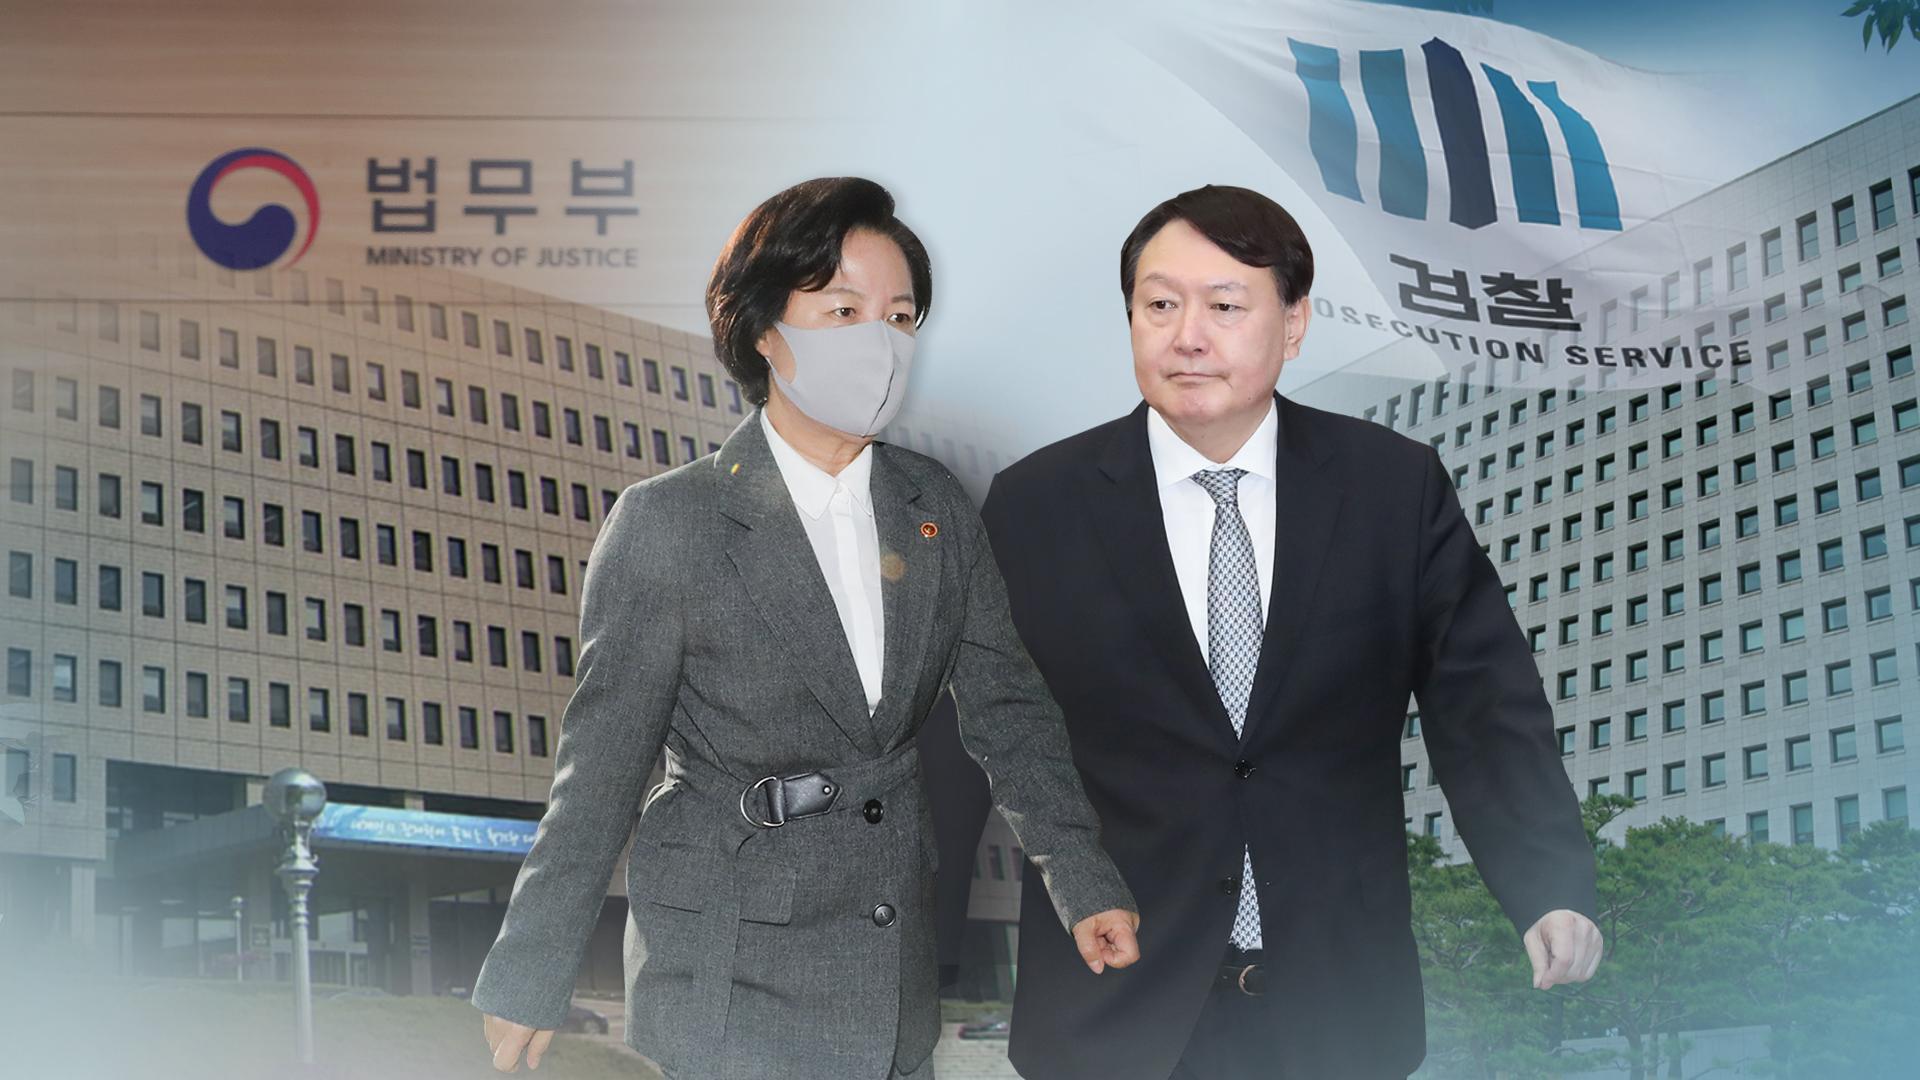 추미애 법무부장관과 윤석열 검찰총장